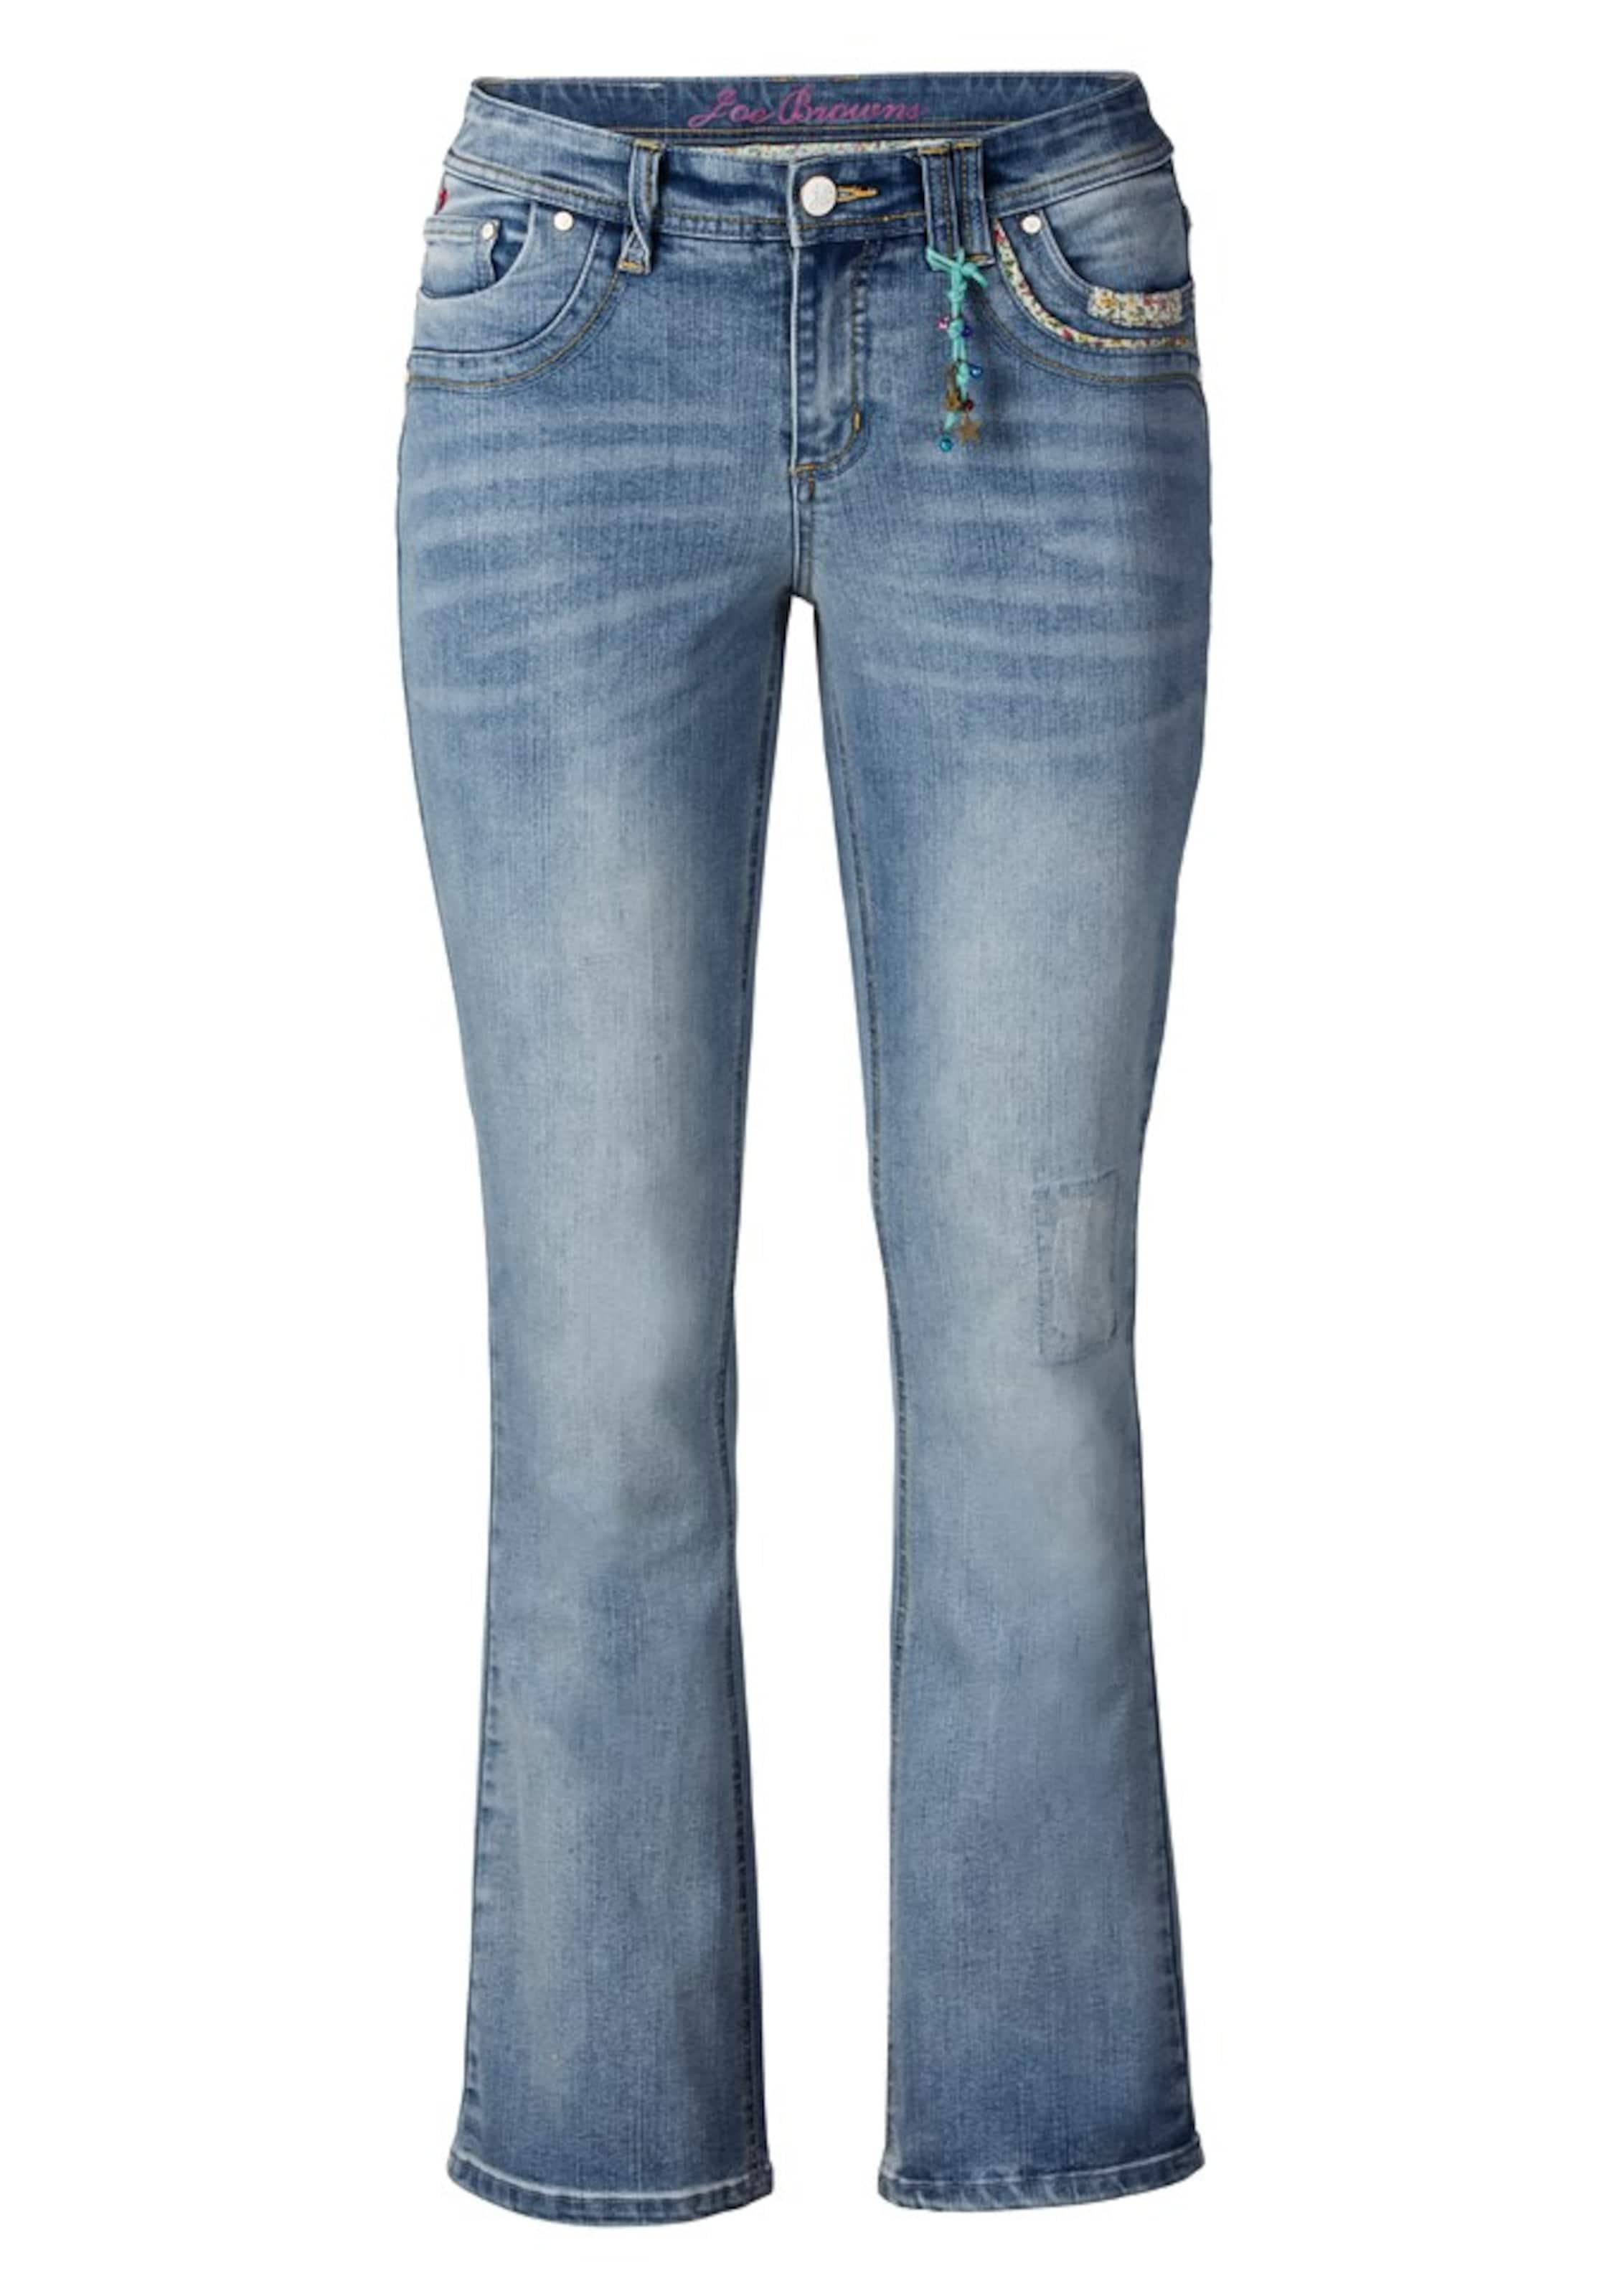 JOE BROWNS Jeans in lässiger Bootcut-Form Suche Nach Günstiger Online Visa-Zahlung Online Billig 100% Garantiert vxsWtXfWw